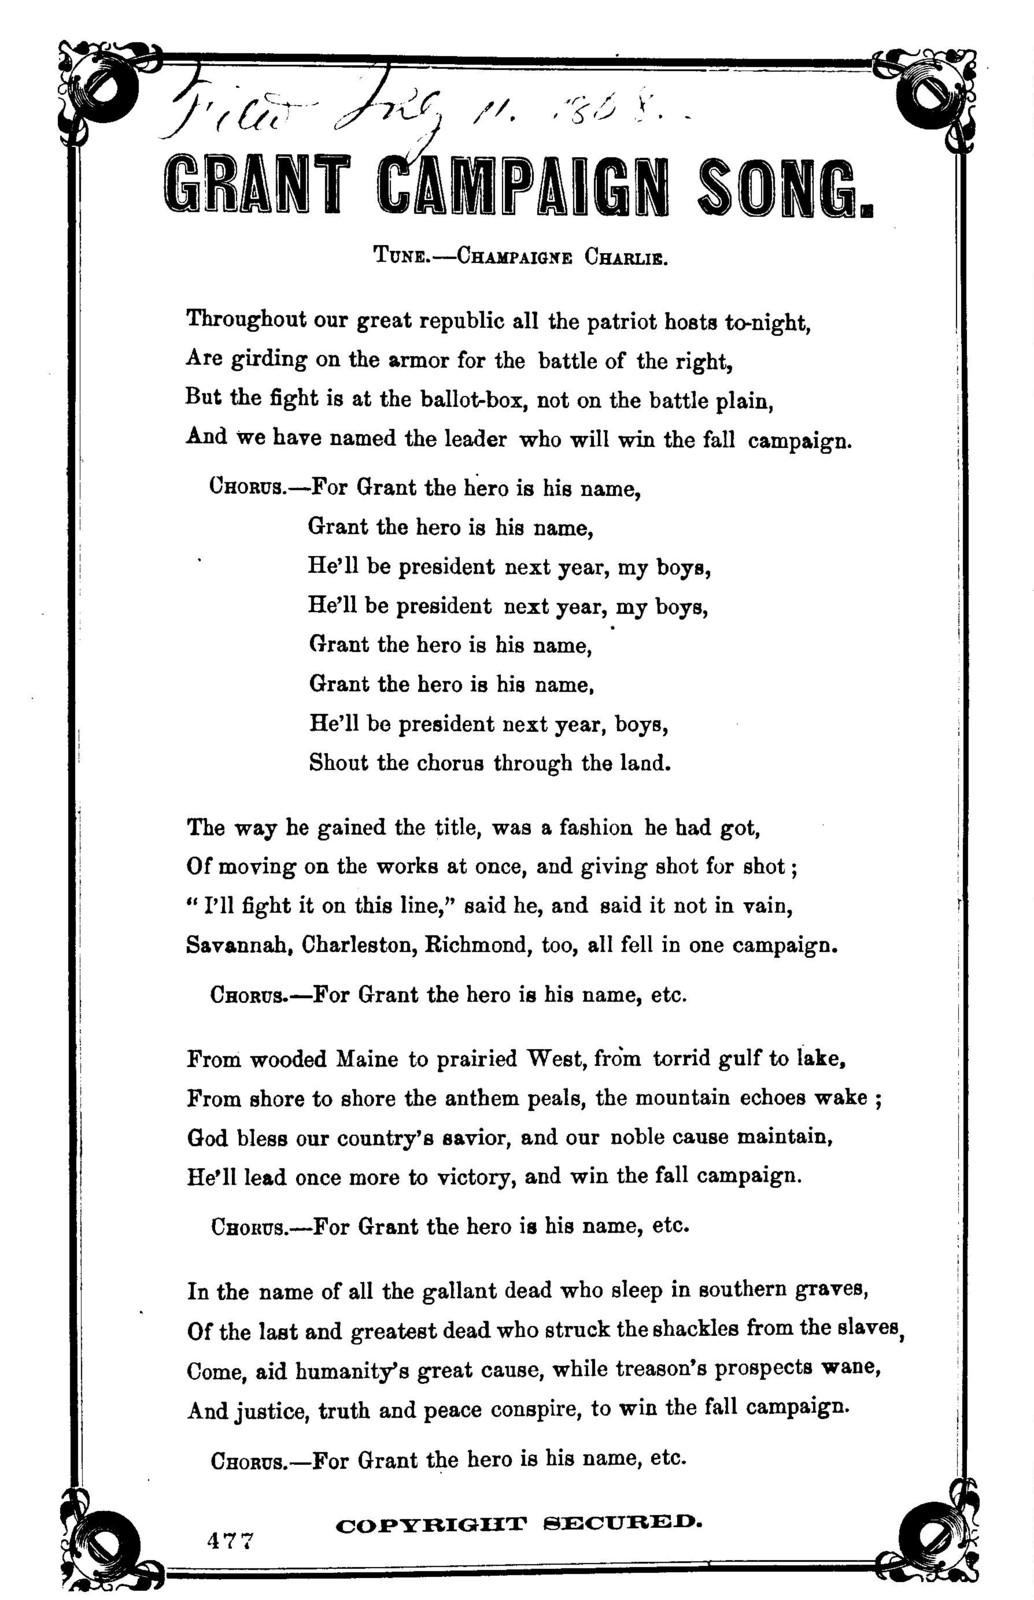 Grant campaign song. Tune.- Champaigne Charlie